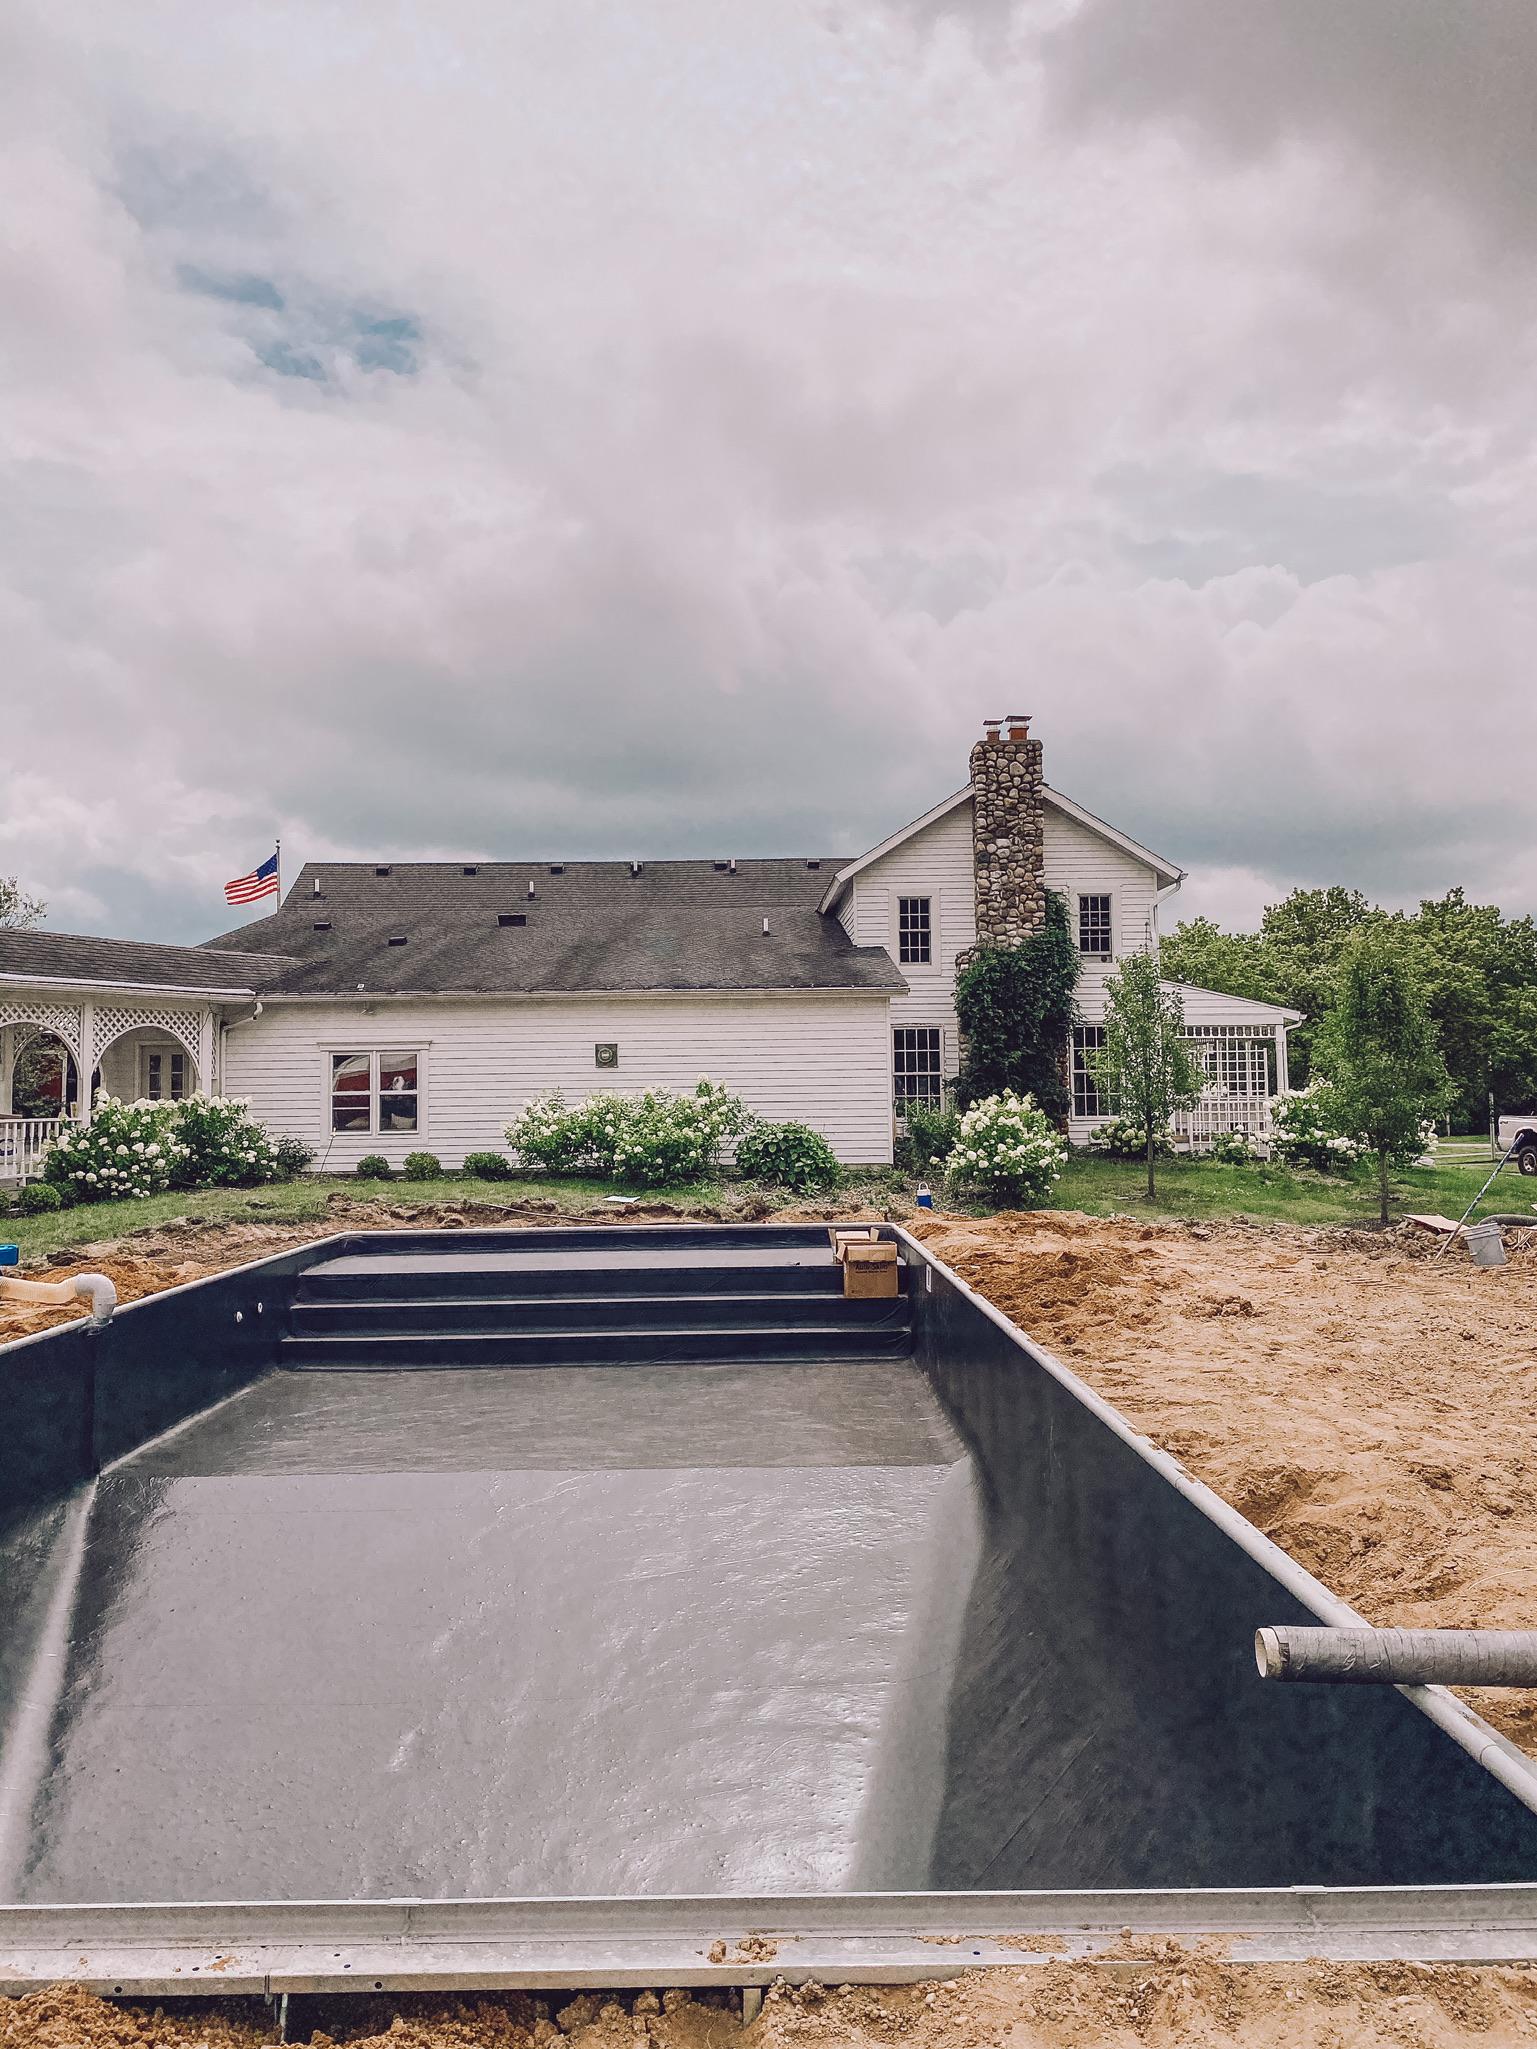 Perguntas frequentes sobre a piscina na fazenda - Liz Marie Blog 4